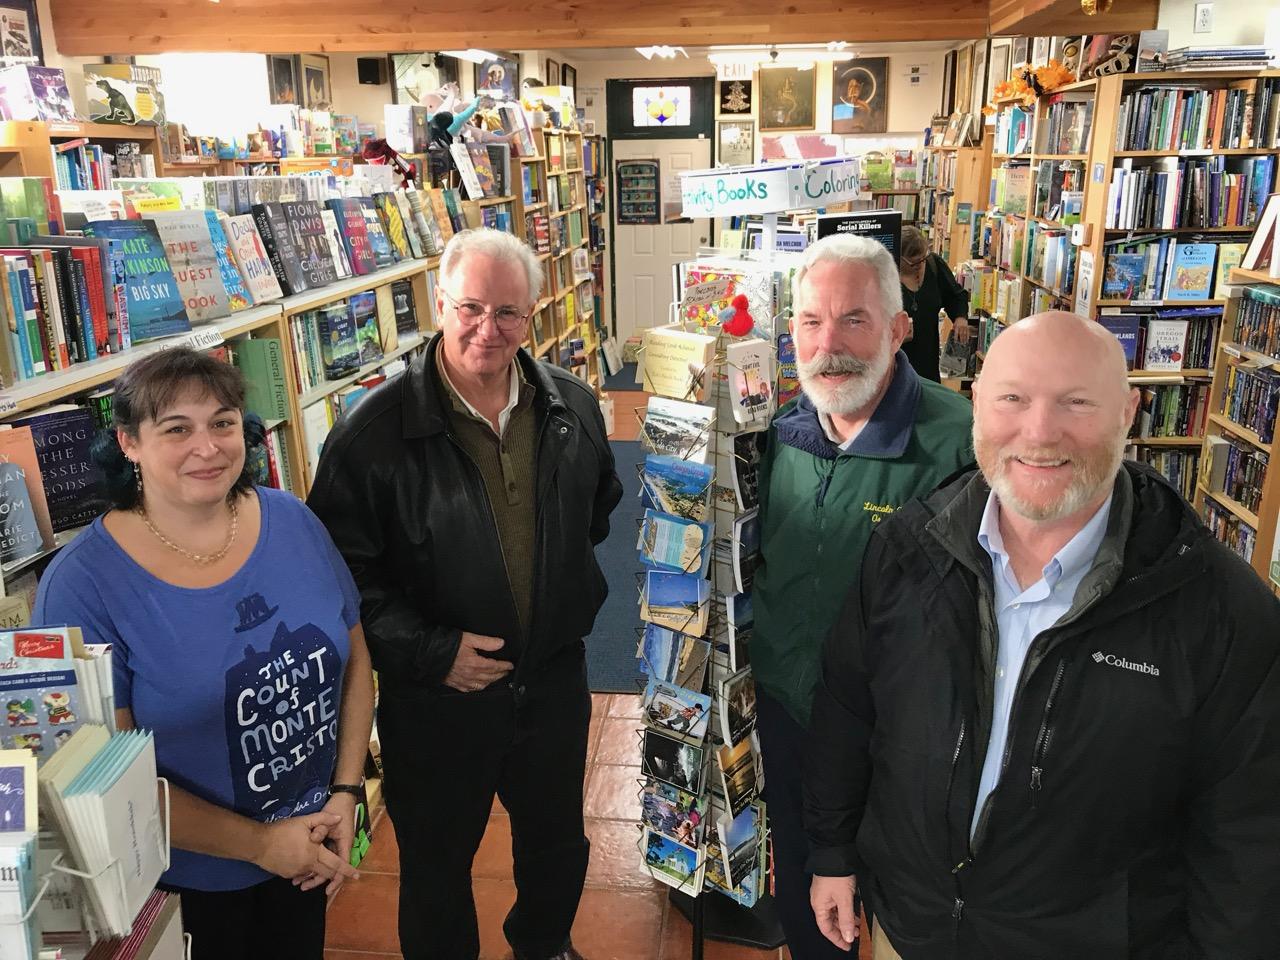 Bobs Beach Books